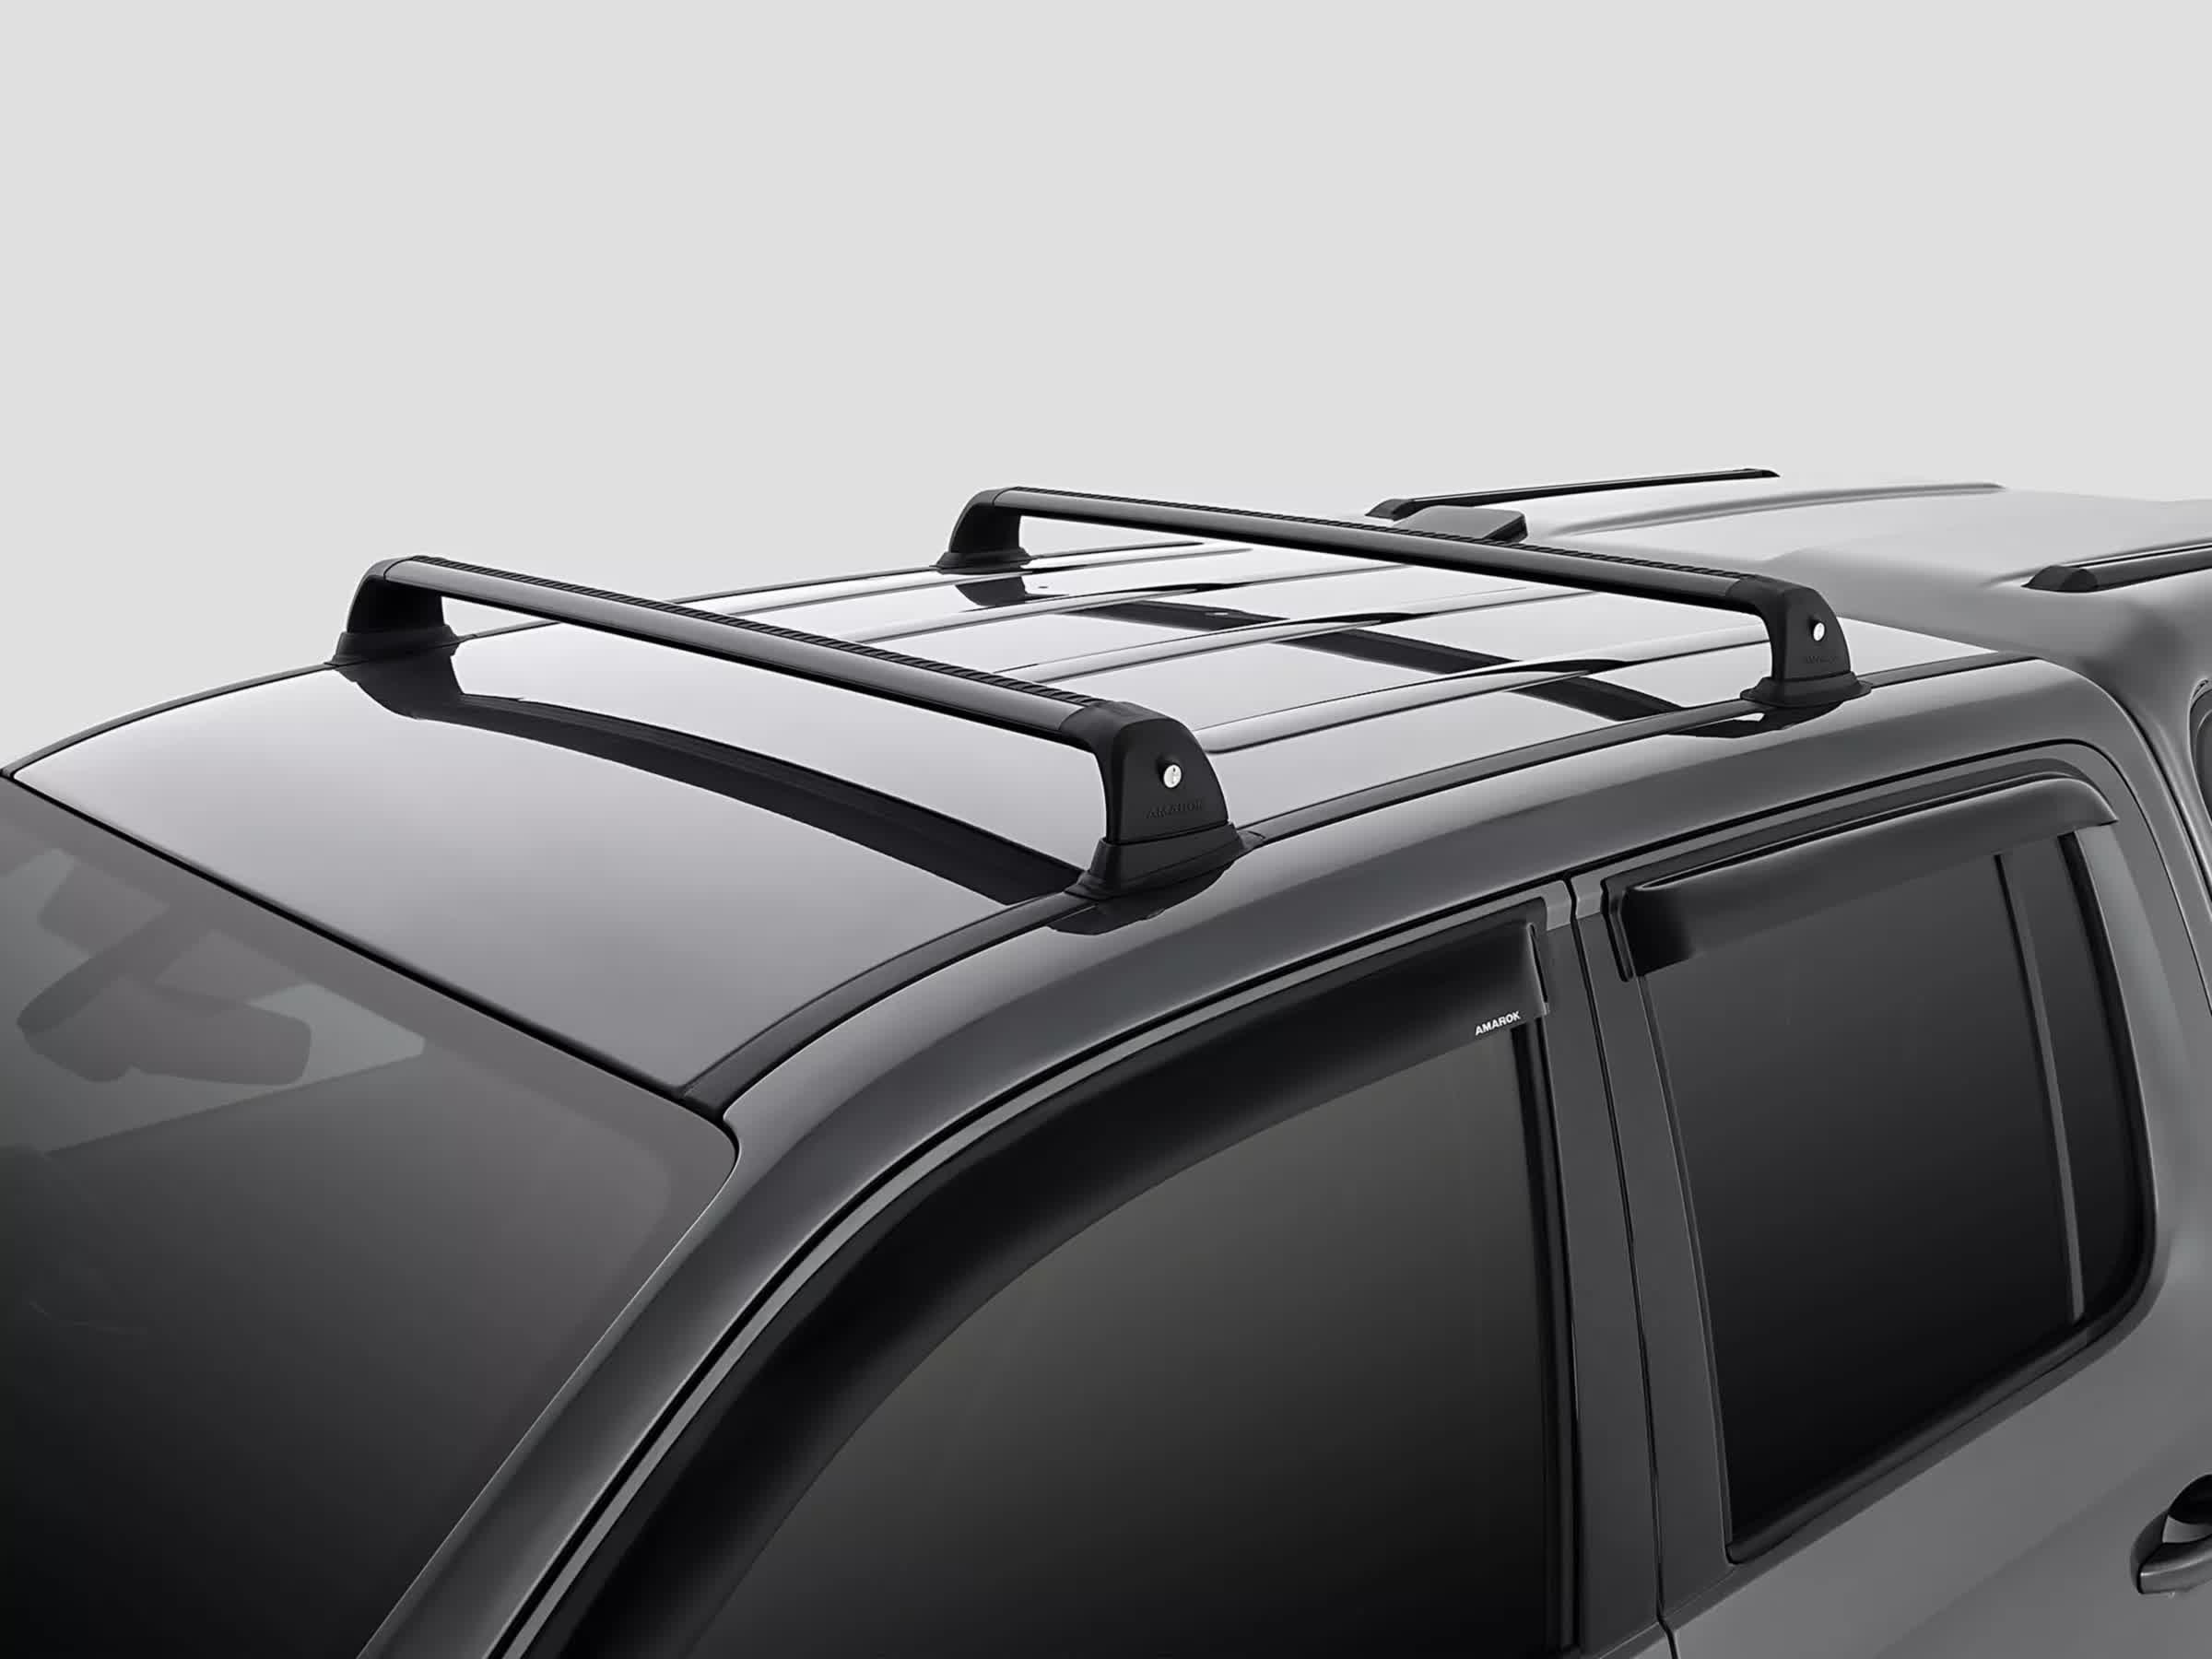 Roof bars, flush mount